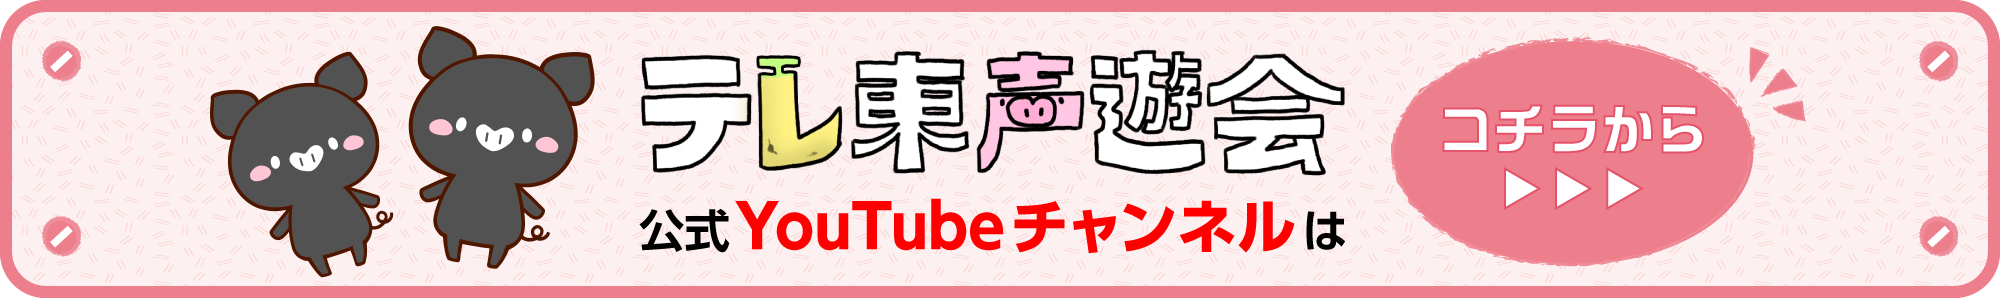 テレ東声遊会公式YouTubeチャンネルはコチラから